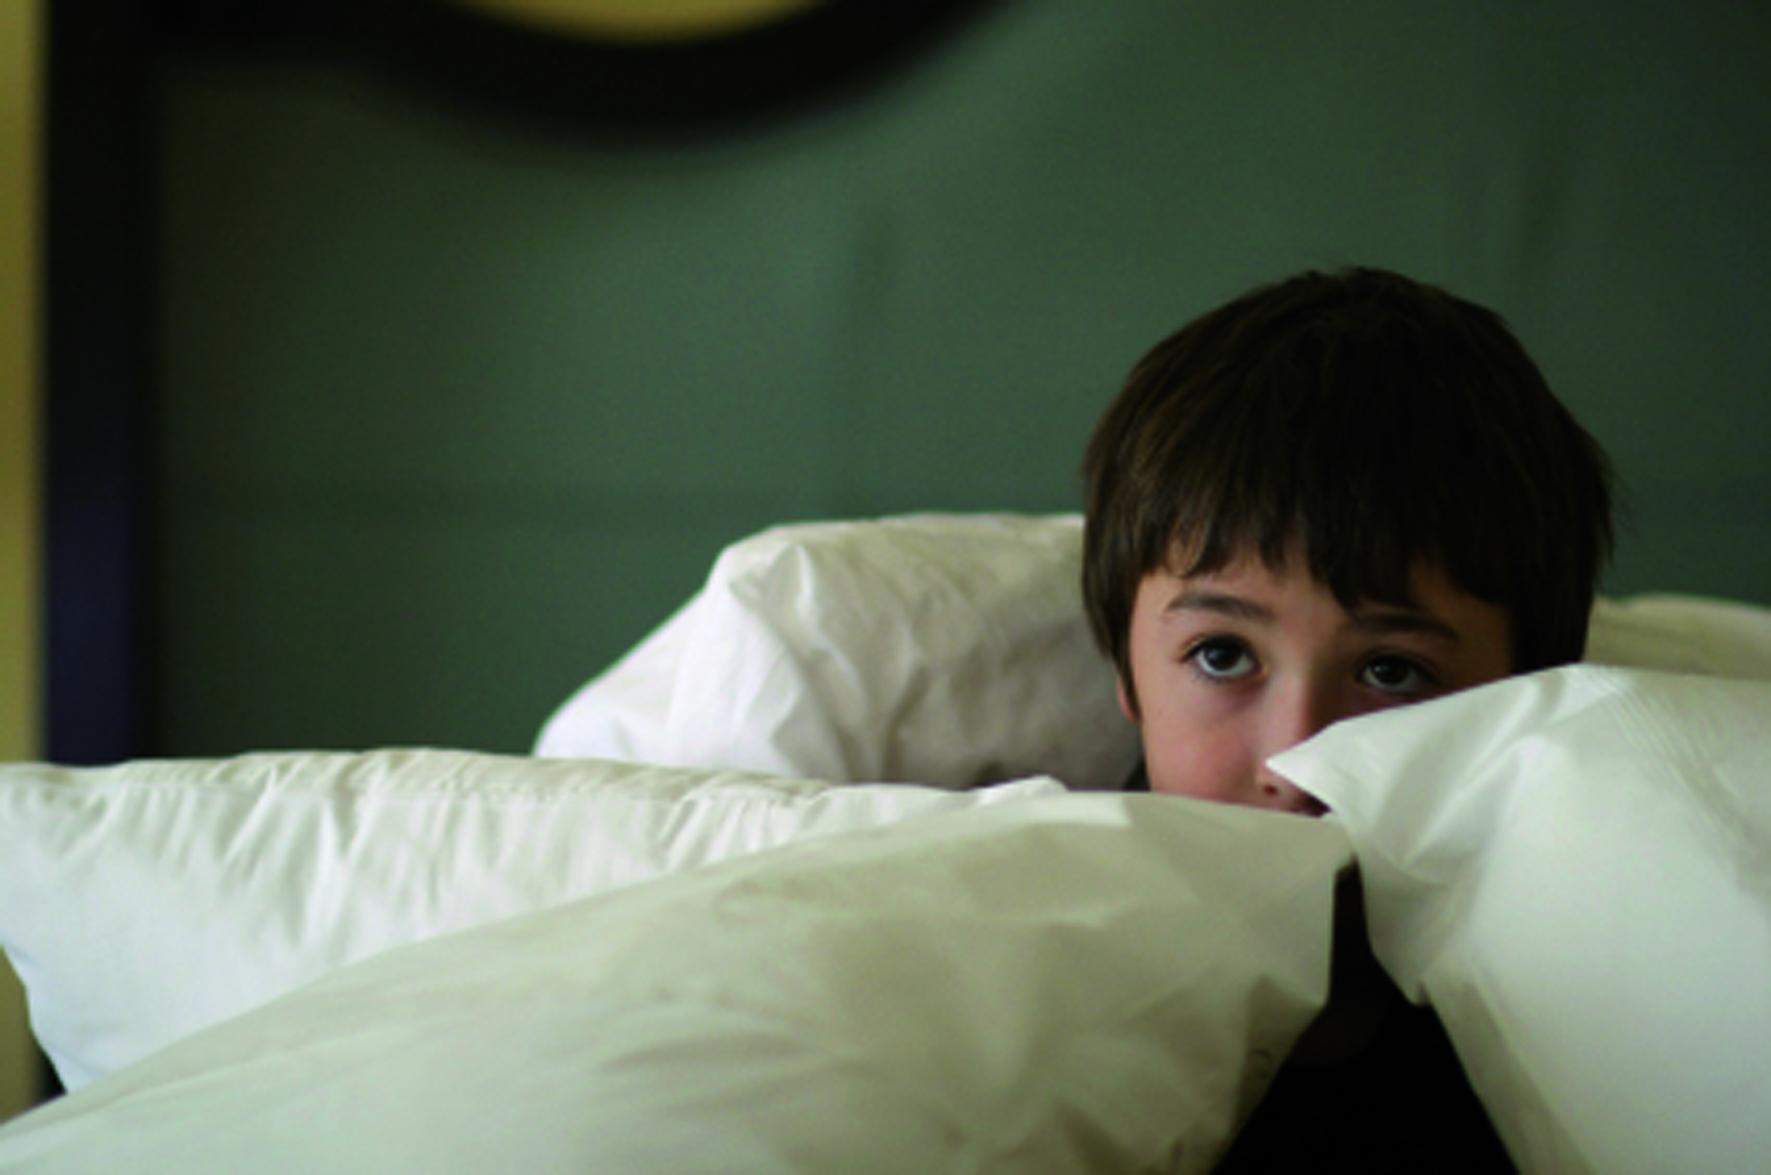 Nen amb por a dormir